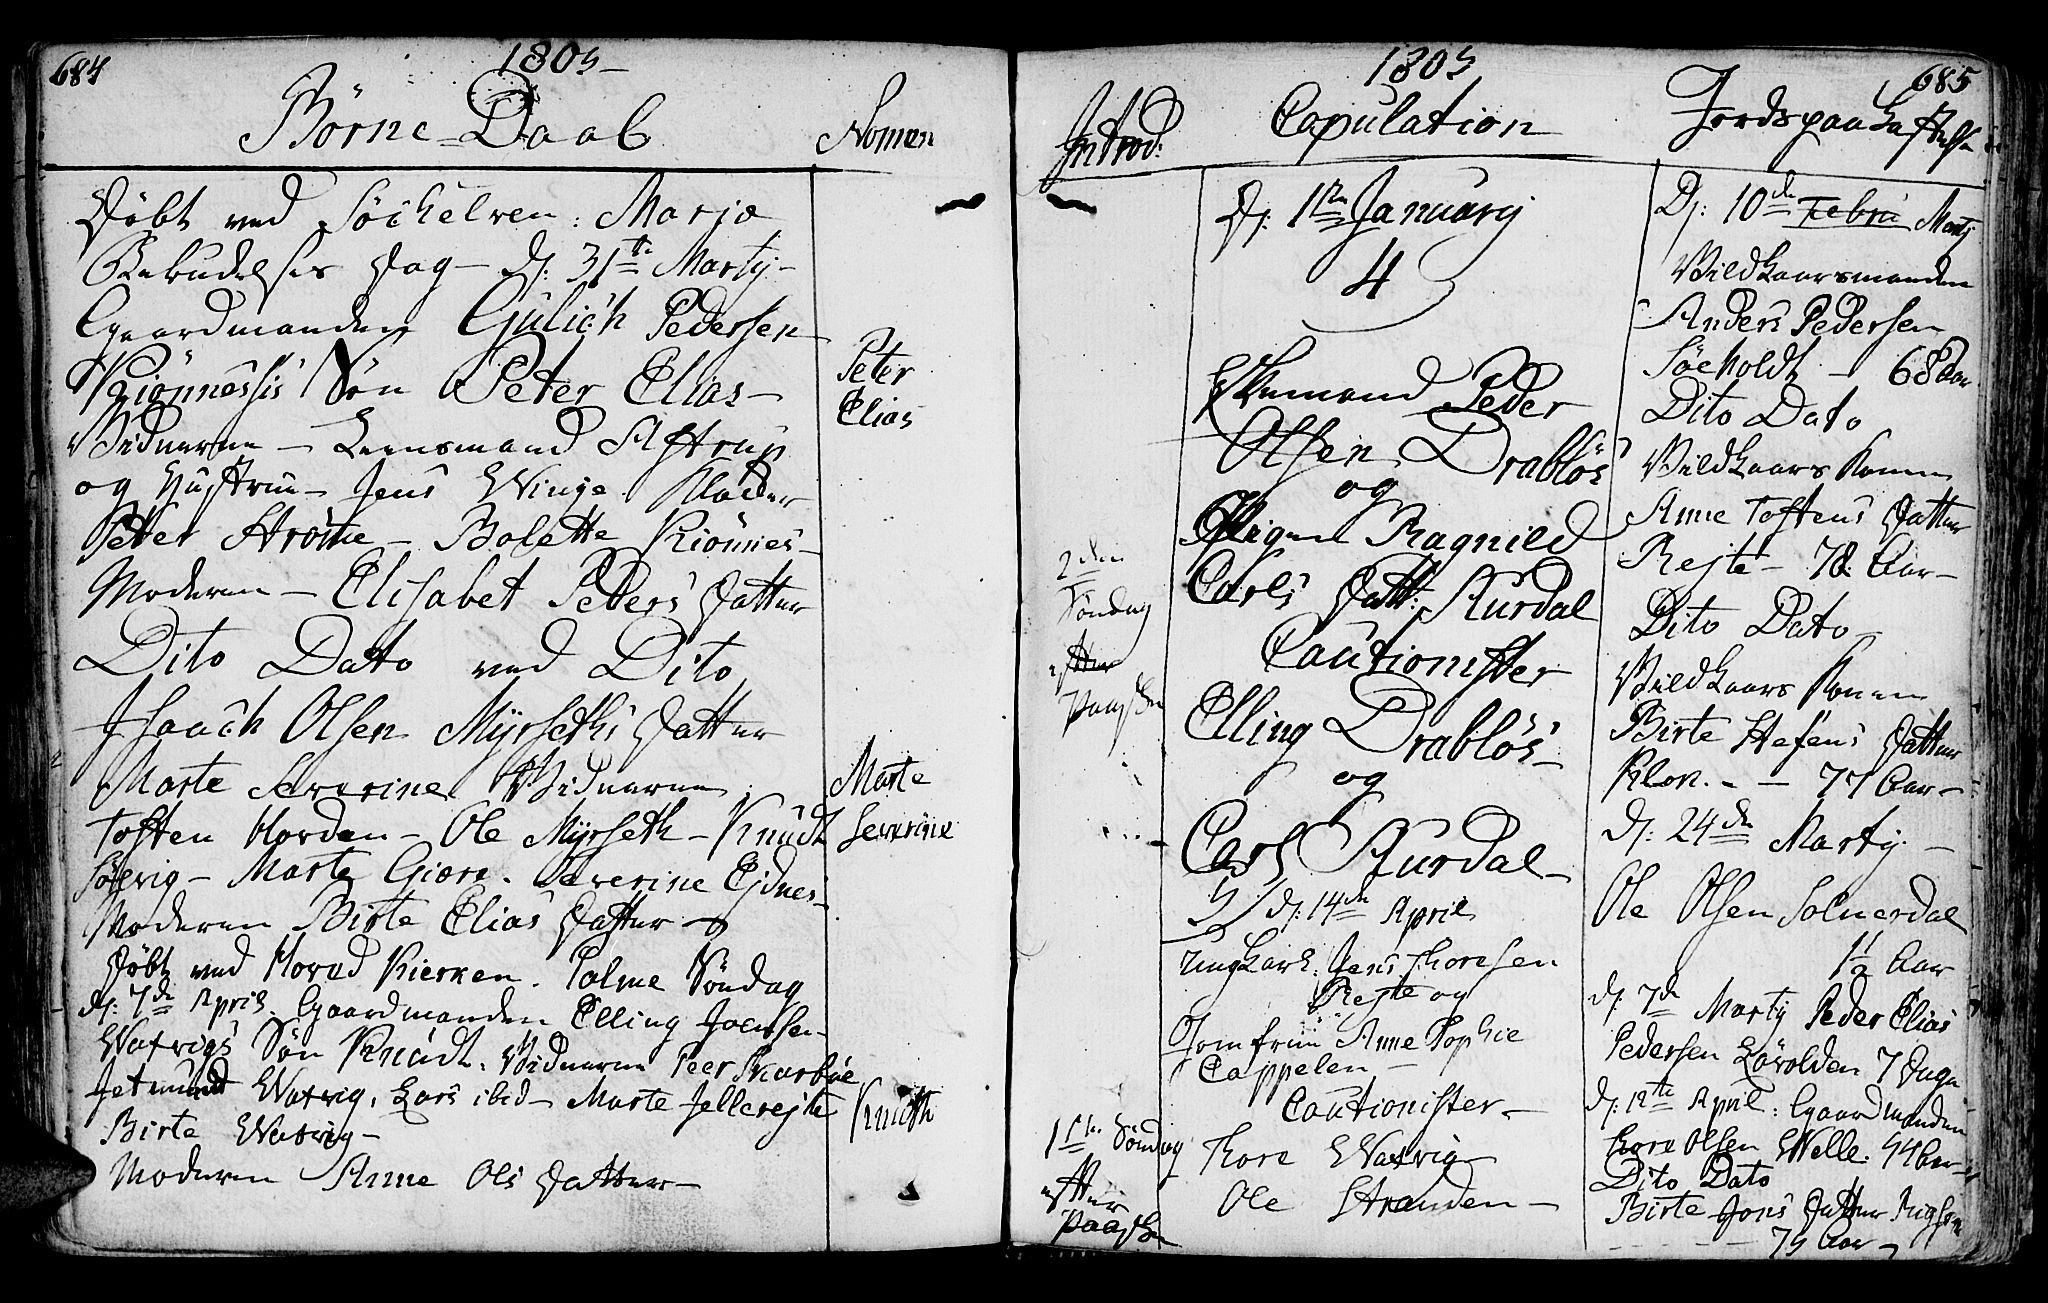 SAT, Ministerialprotokoller, klokkerbøker og fødselsregistre - Møre og Romsdal, 522/L0308: Ministerialbok nr. 522A03, 1773-1809, s. 684-685